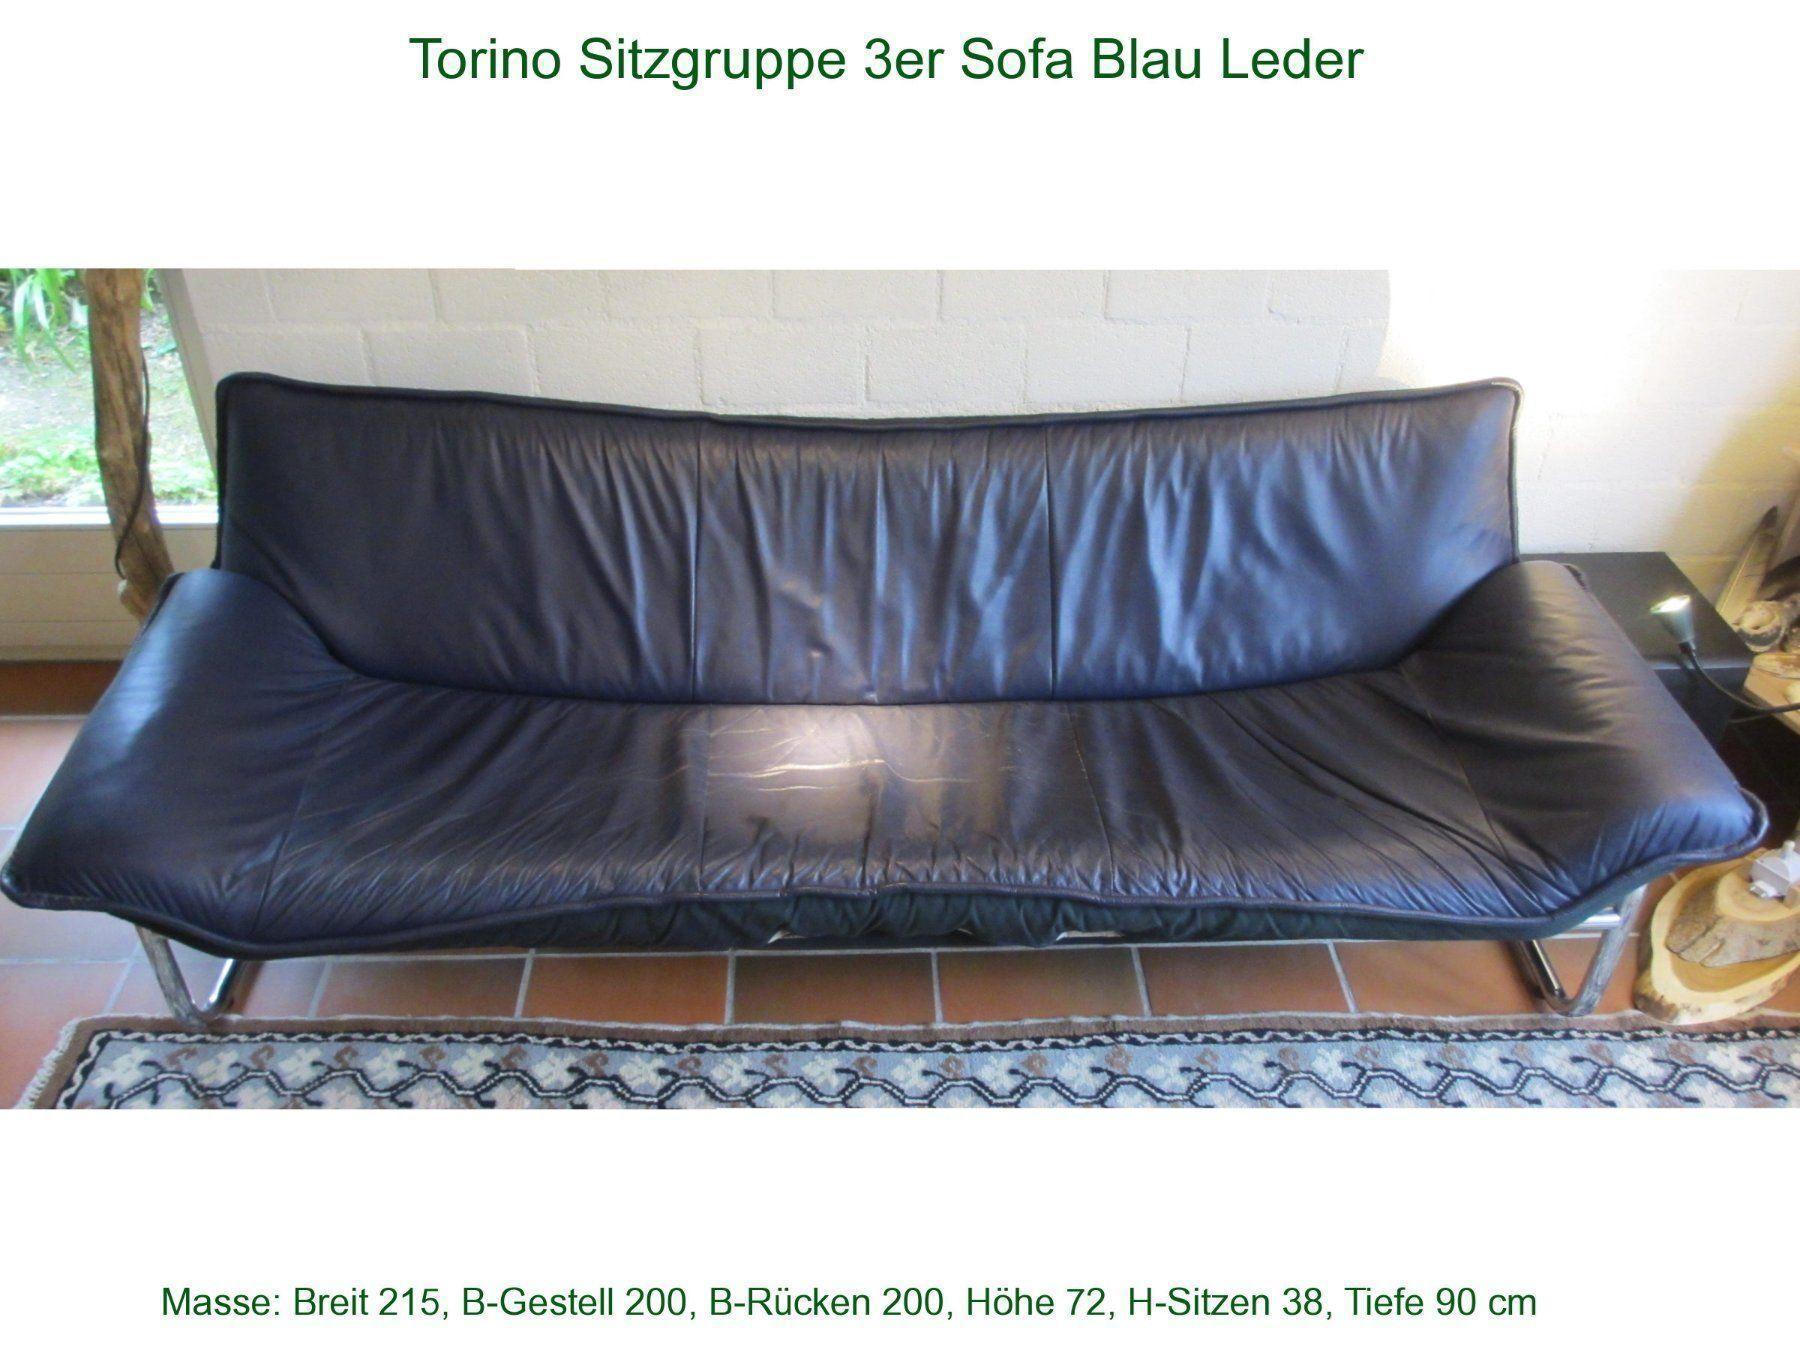 Sofa Blau Leder